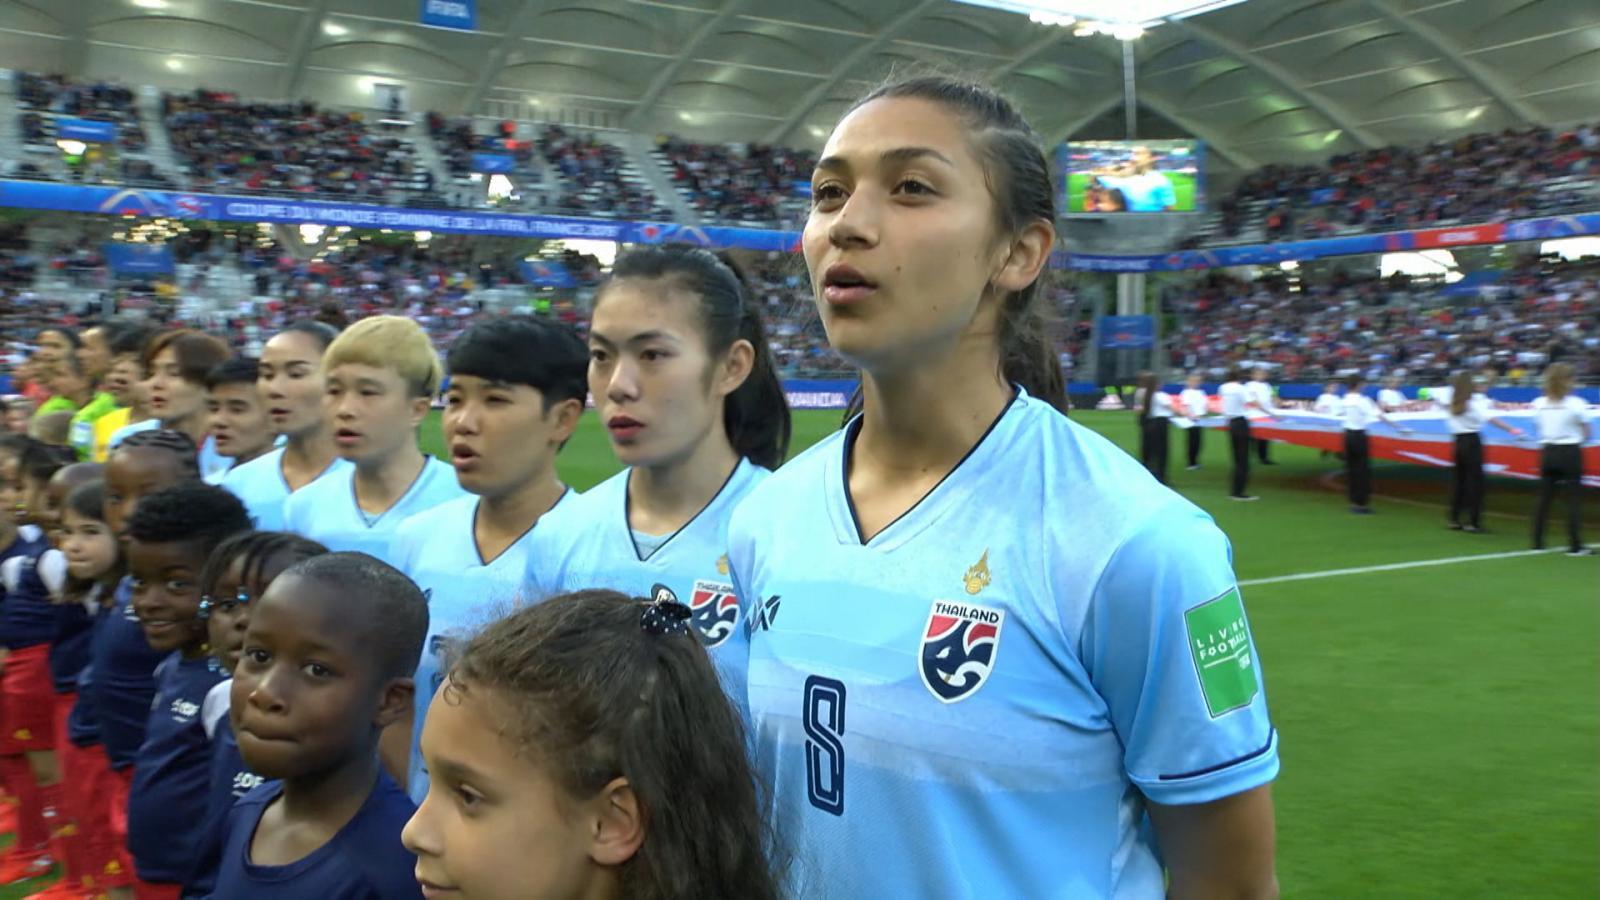 """#เคาะหลังเกม """"ทัพชบาแก้ว"""" ทีมฟุตบอลหญิงไทยพ่าย ทีมชาติสหรัฐอเมริกา 0-13"""